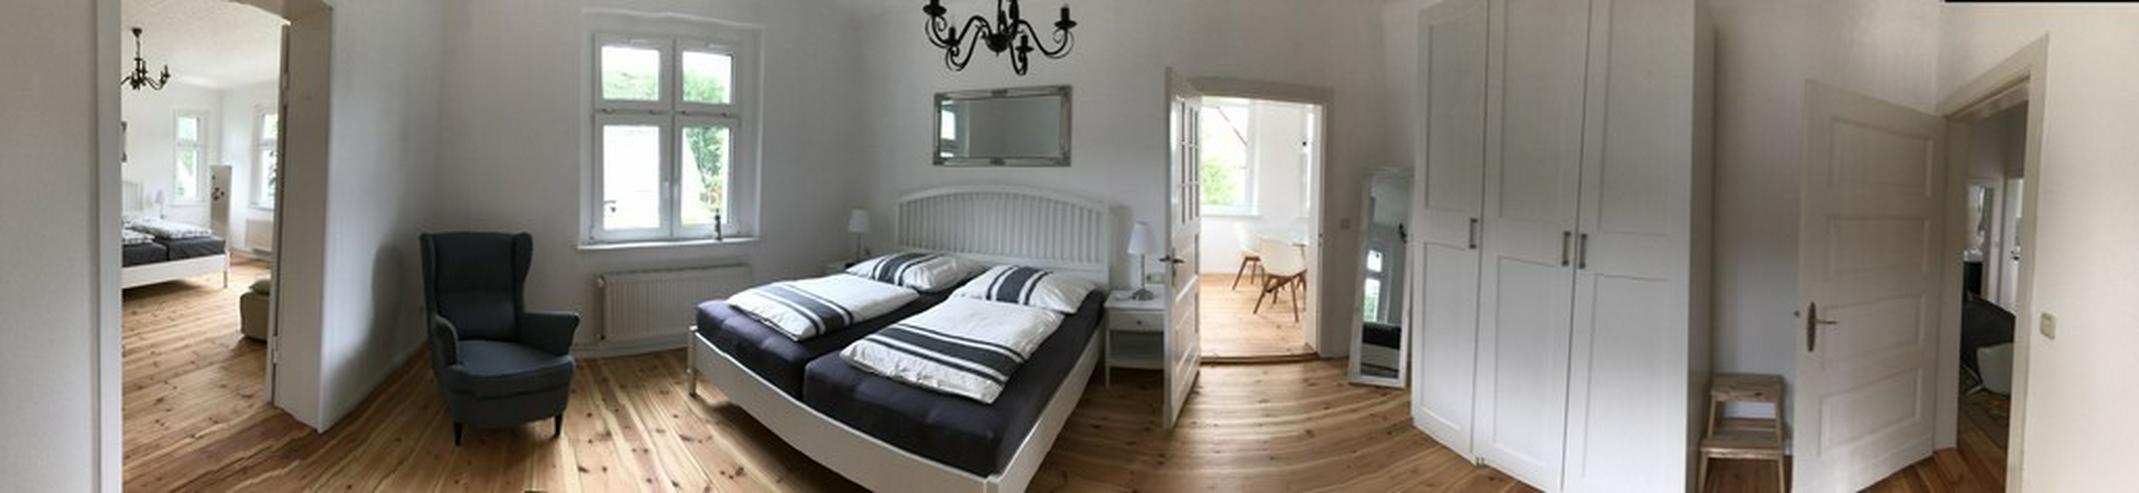 Bild 11: Ferienhaus  in Zinnowitz 250 qm bis 16 Personen